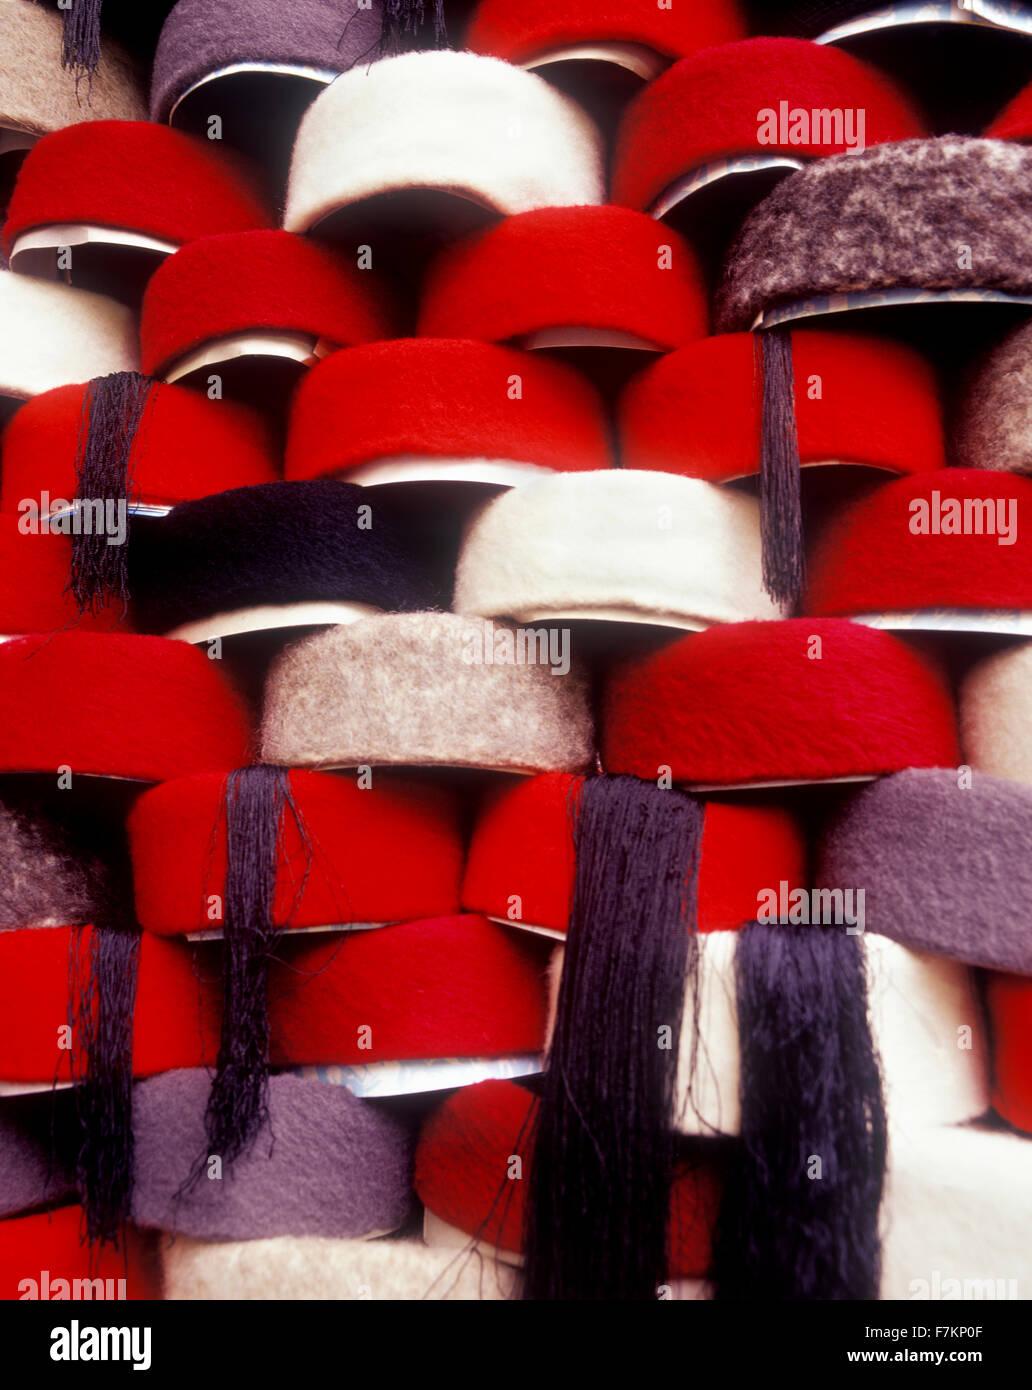 Cappelli sui ripiani nel souk di Tunisi. Tunisi è la capitale della Tunisia. Il Nord Africa. Immagini Stock